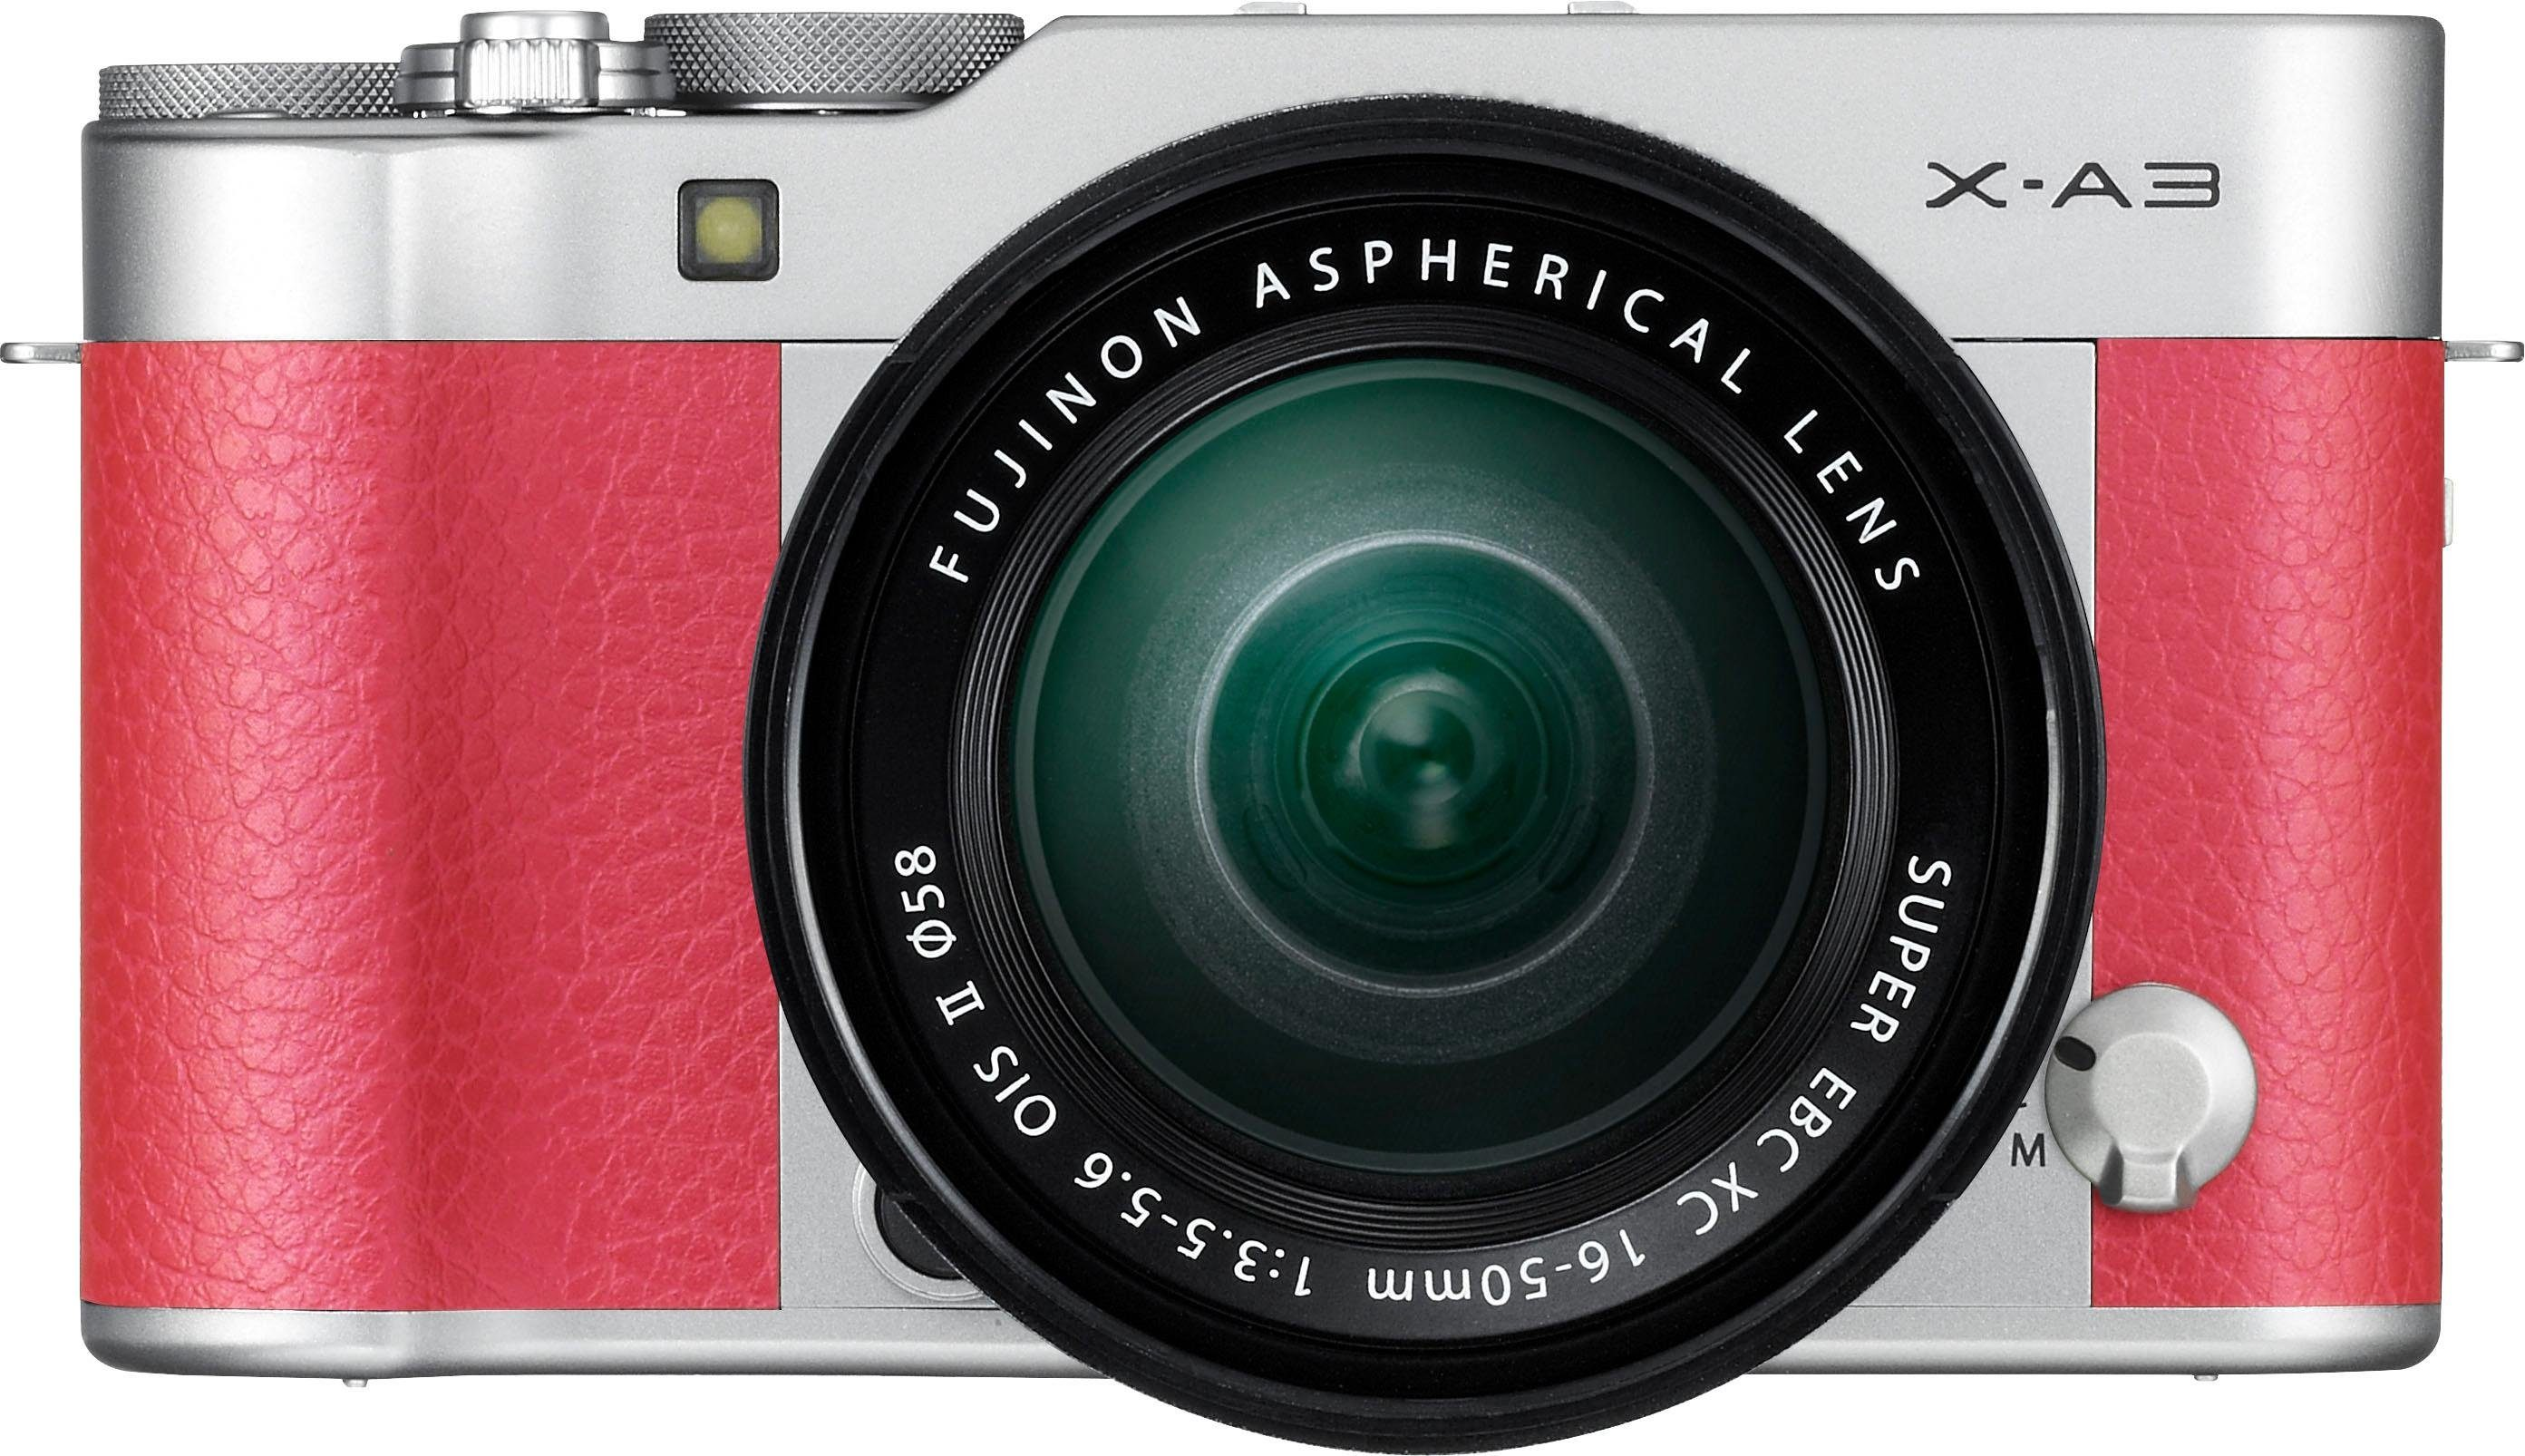 FUJIFILM »X-A3« Systemkamera (FUJINON XC16-50mm F3.5-5.6 OIS II, 24,2 MP, WLAN (Wi-Fi)